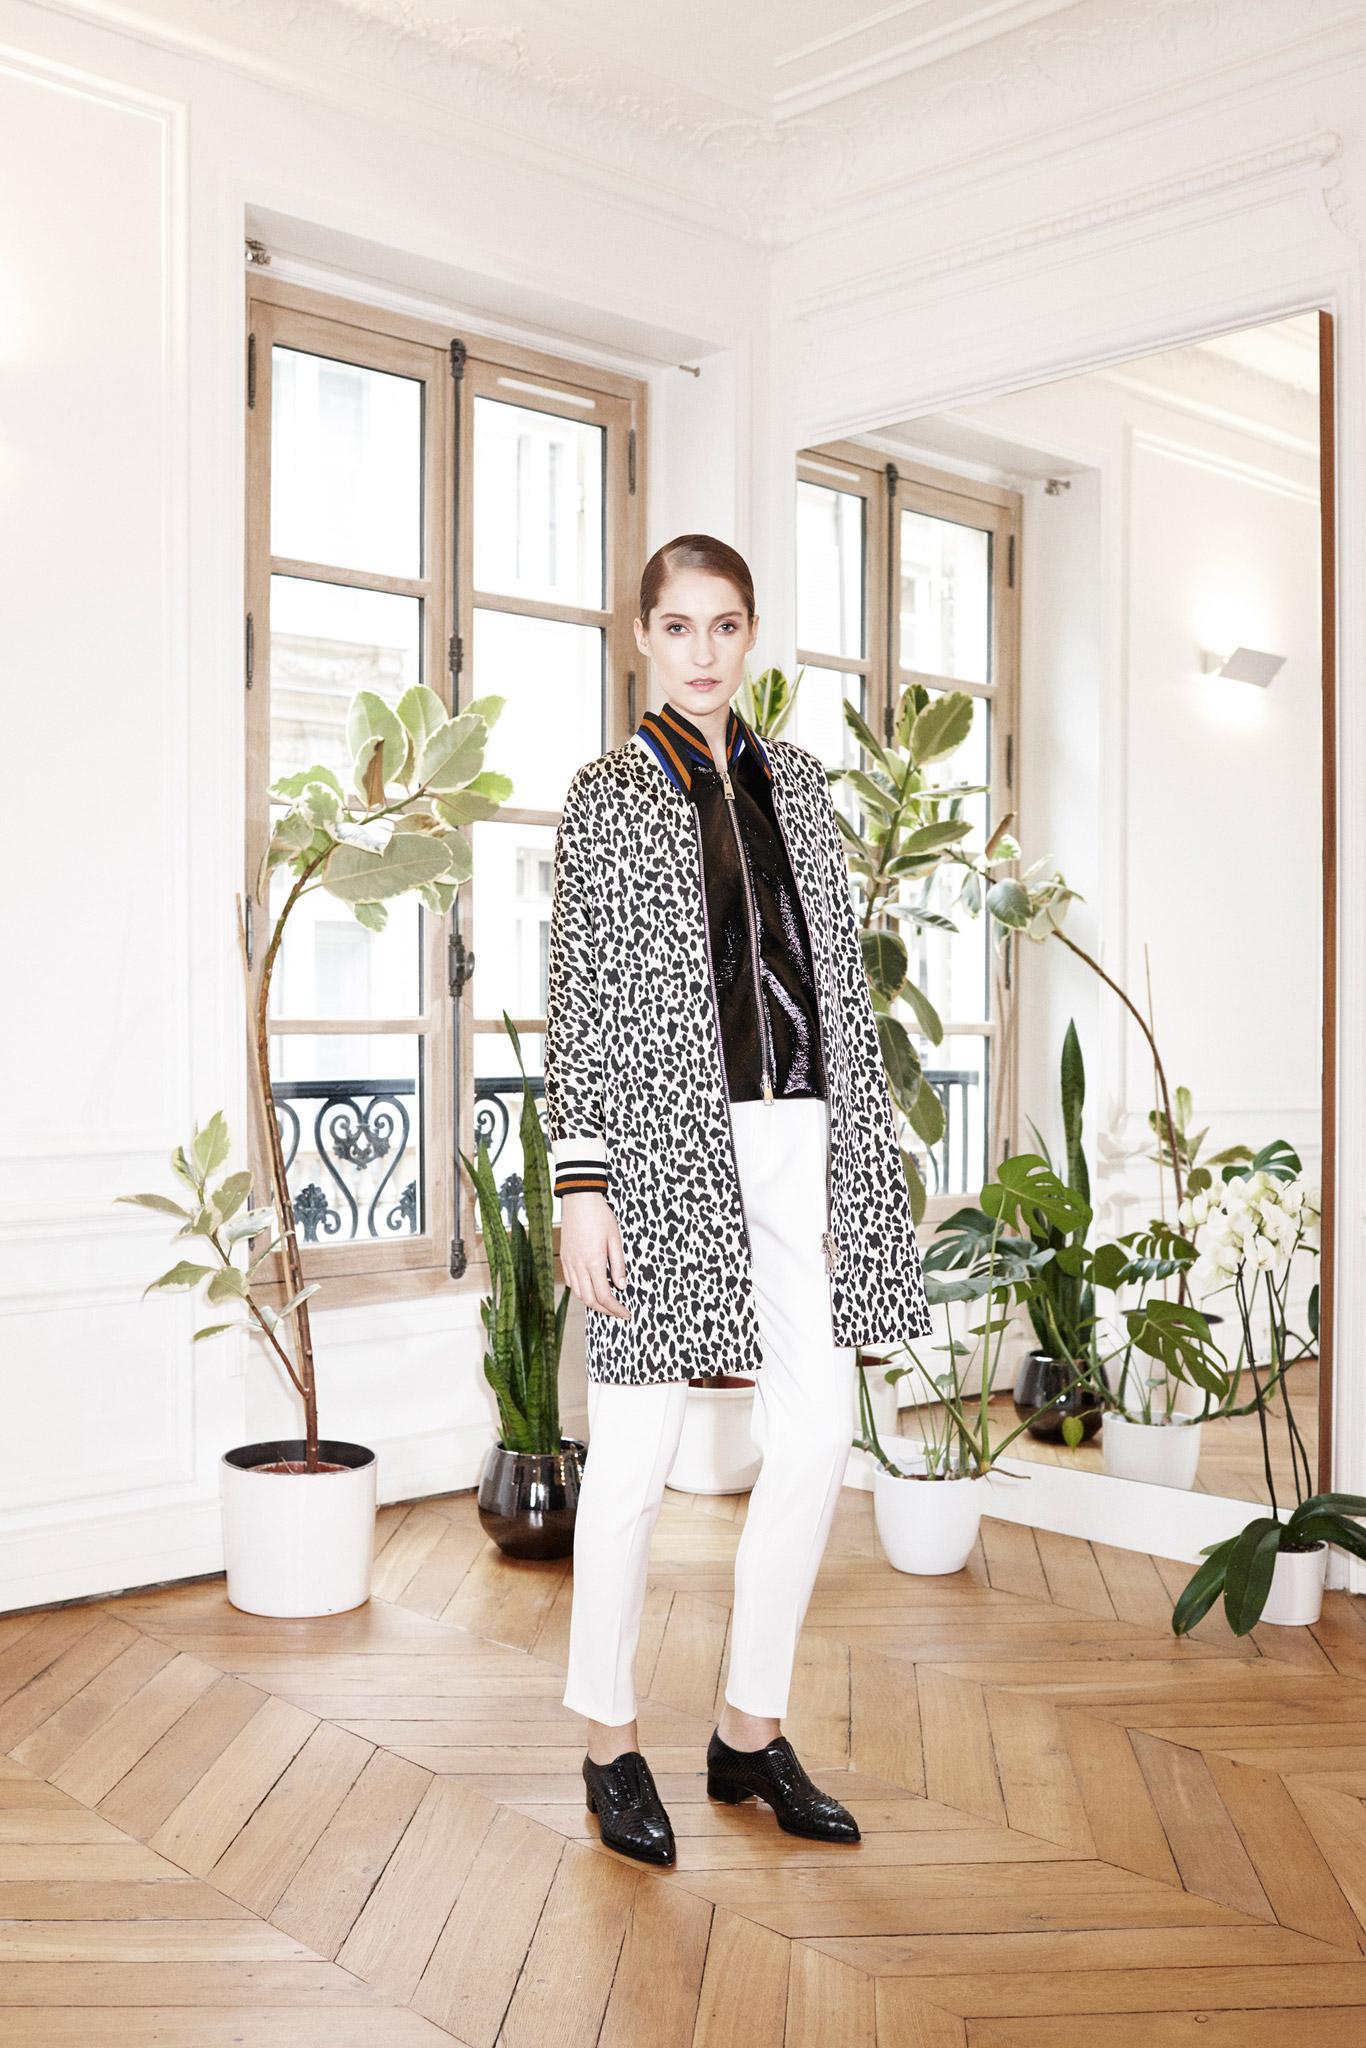 BOUCHRA JARRA AUTUMN/WINTER 2015-16 READY-TO-WEAR PARIS FASHION WEEK